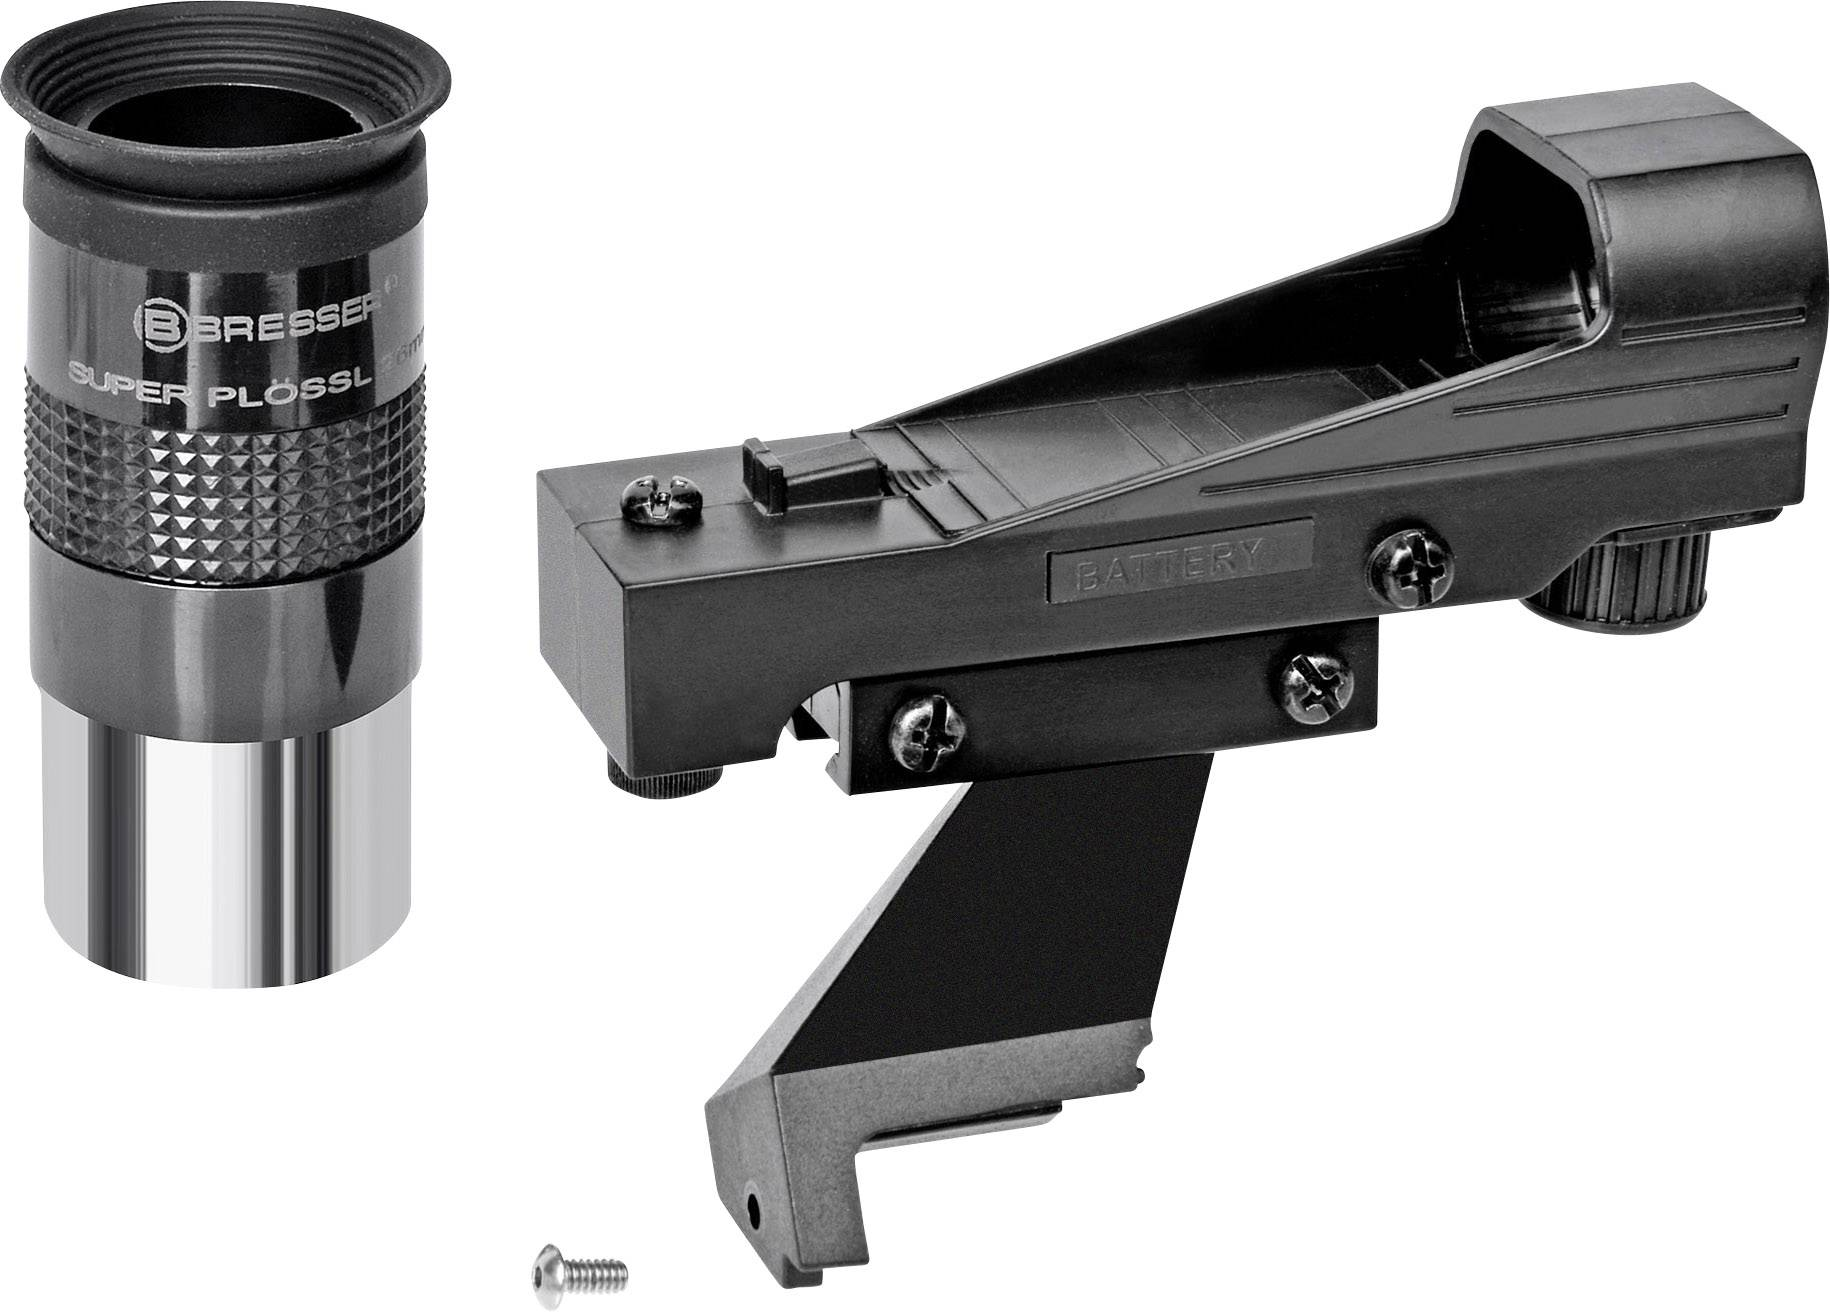 Bresser teleskop messier r eq bresser telescopes telescopes by